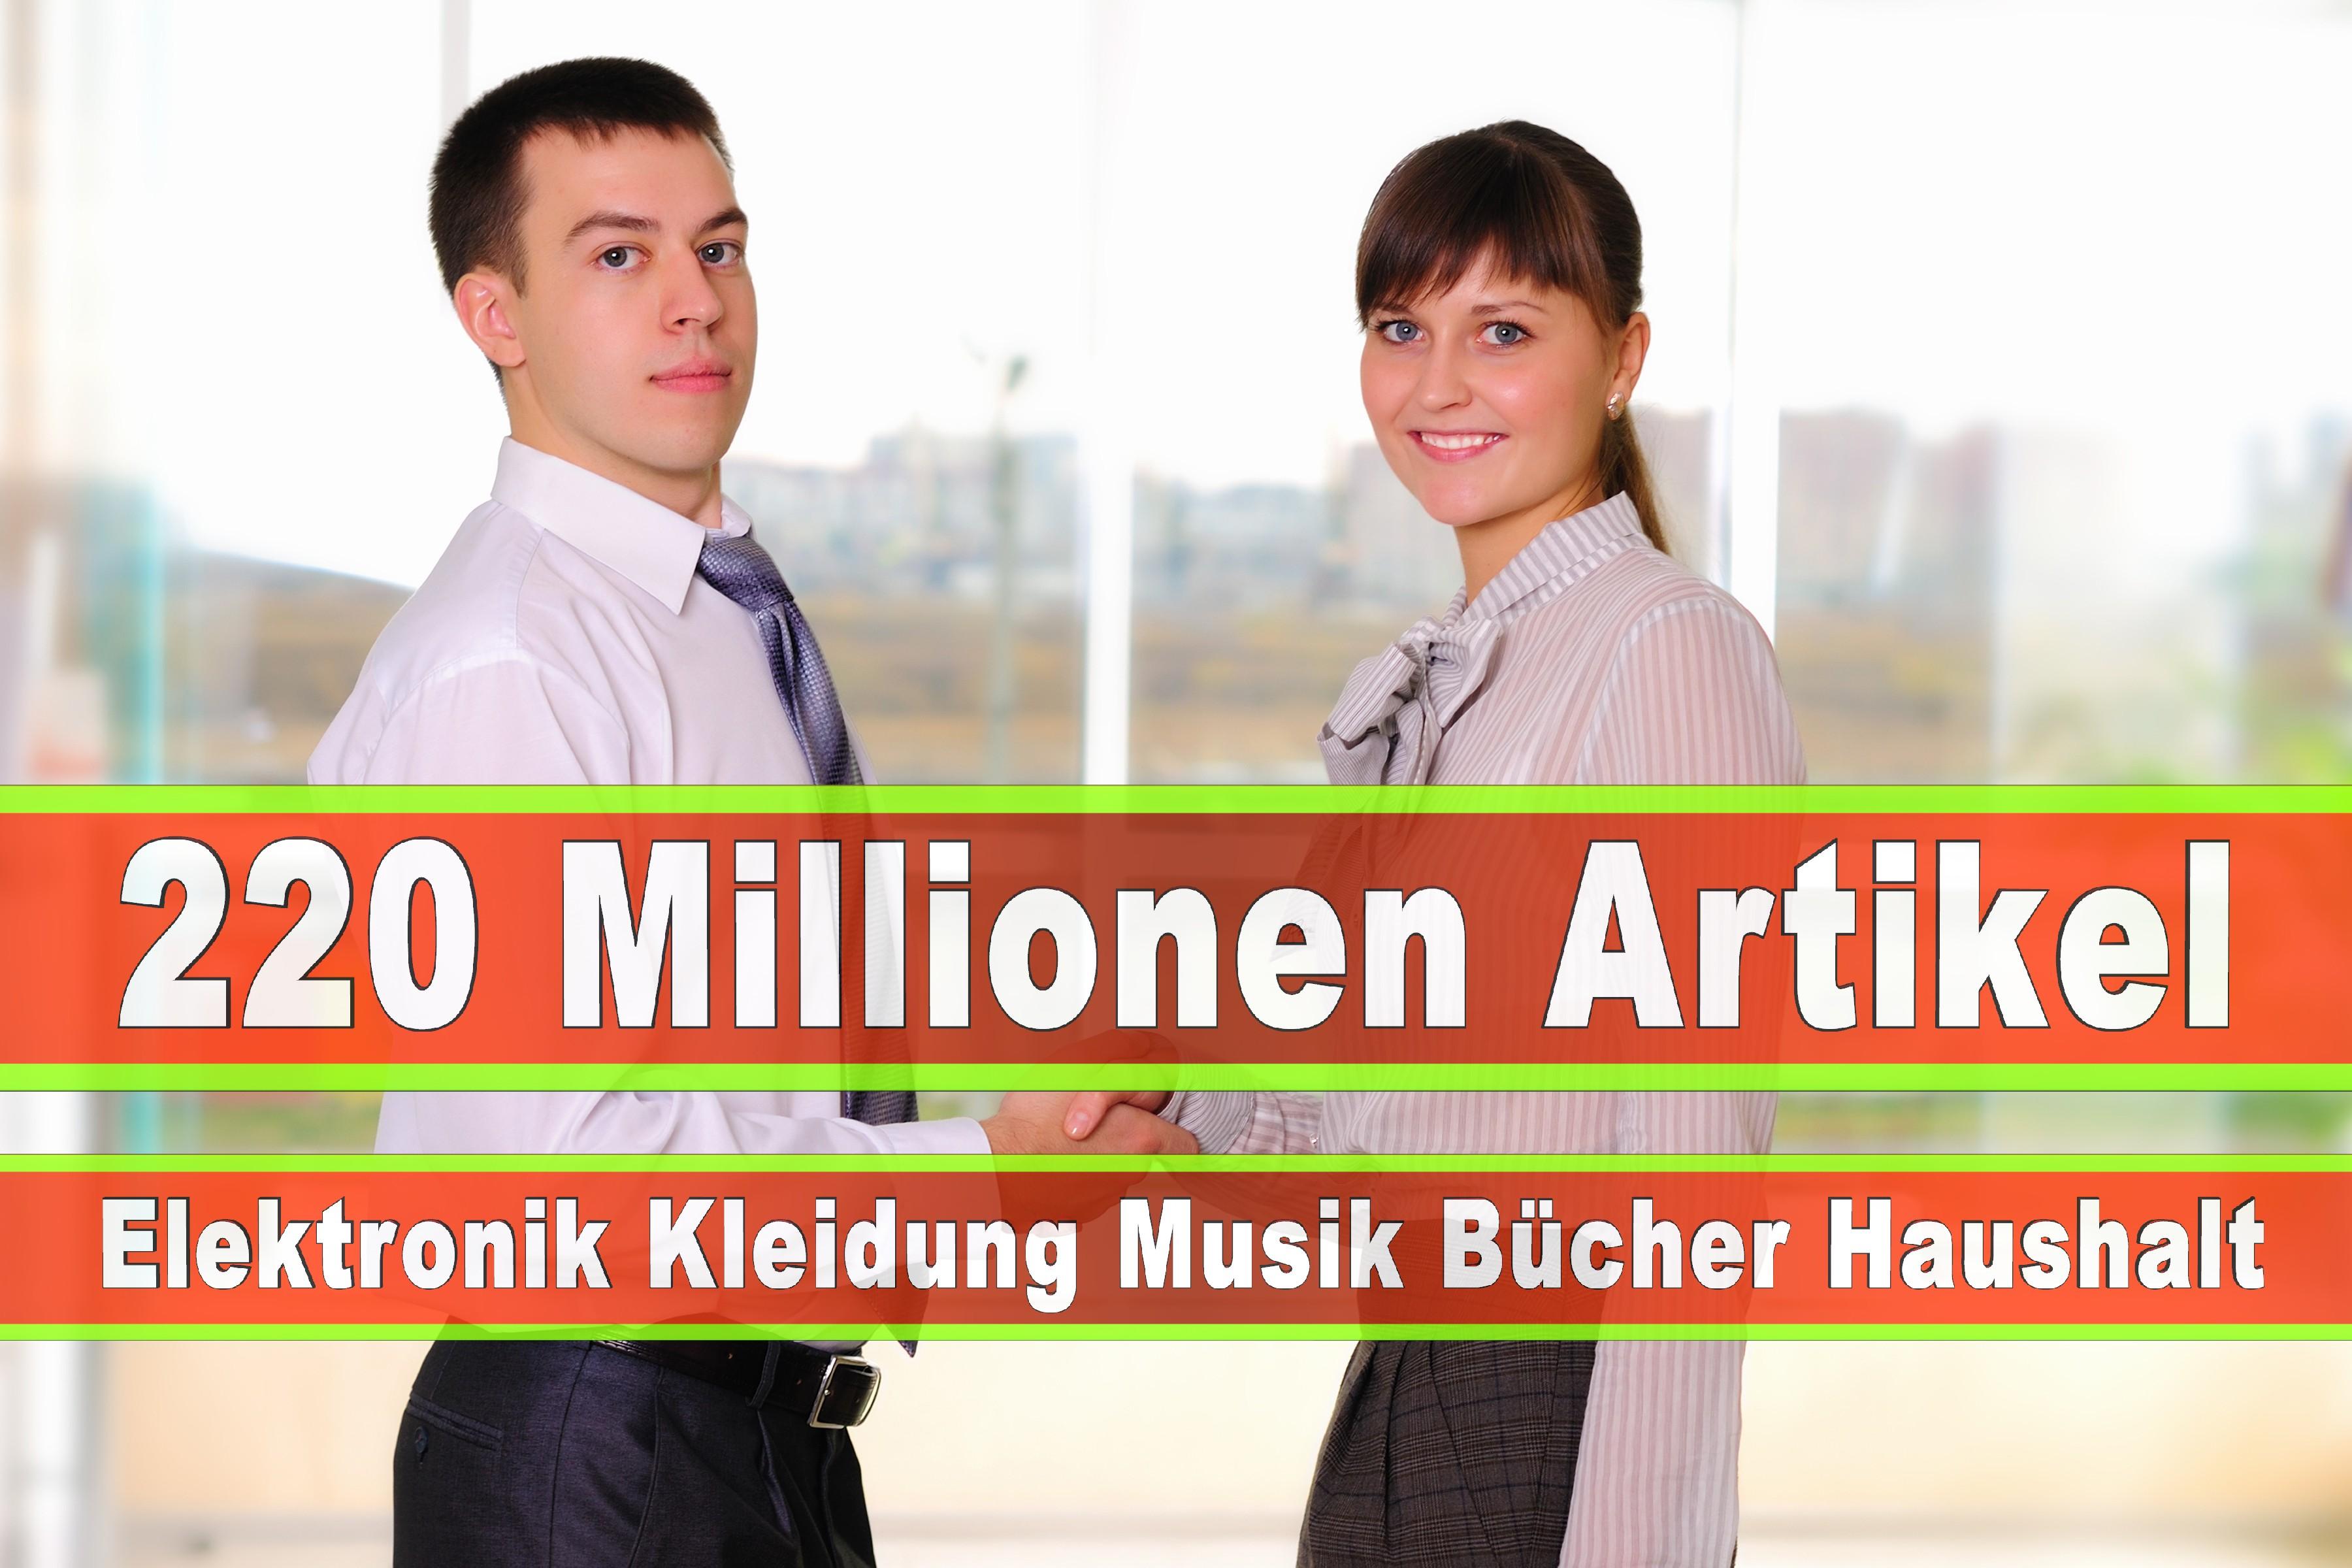 Amazon Elektronik Musik Haushalt Bücher CD DVD Handys Smartphones TV Television Fernseher Kleidung Mode Ebay Versandhaus (130)